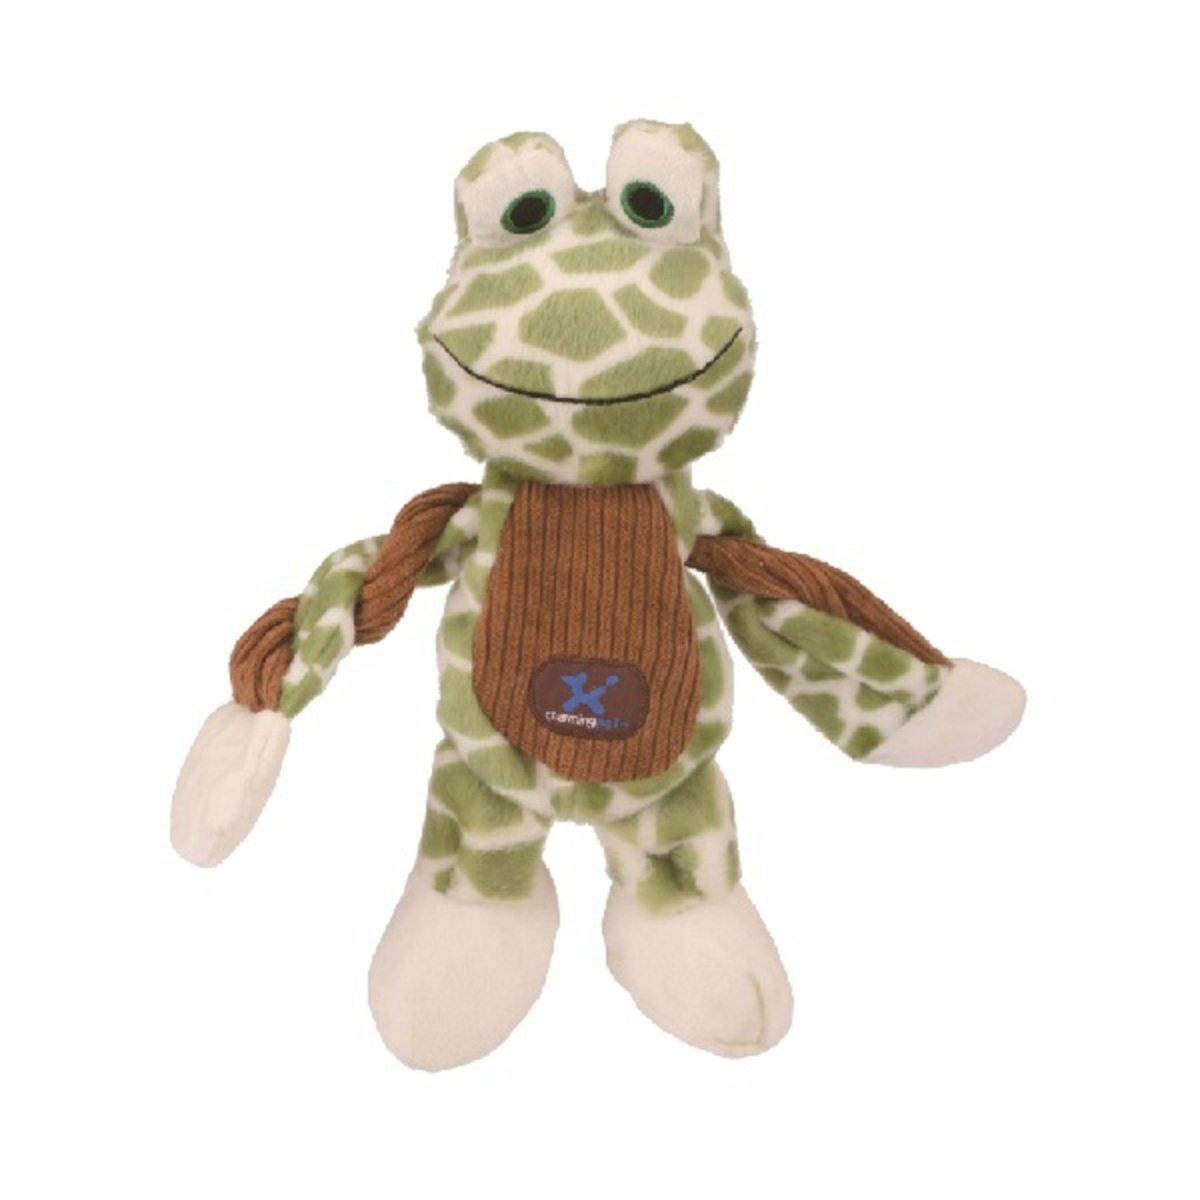 寵物可扭動發聲玩具 ﹣青蛙